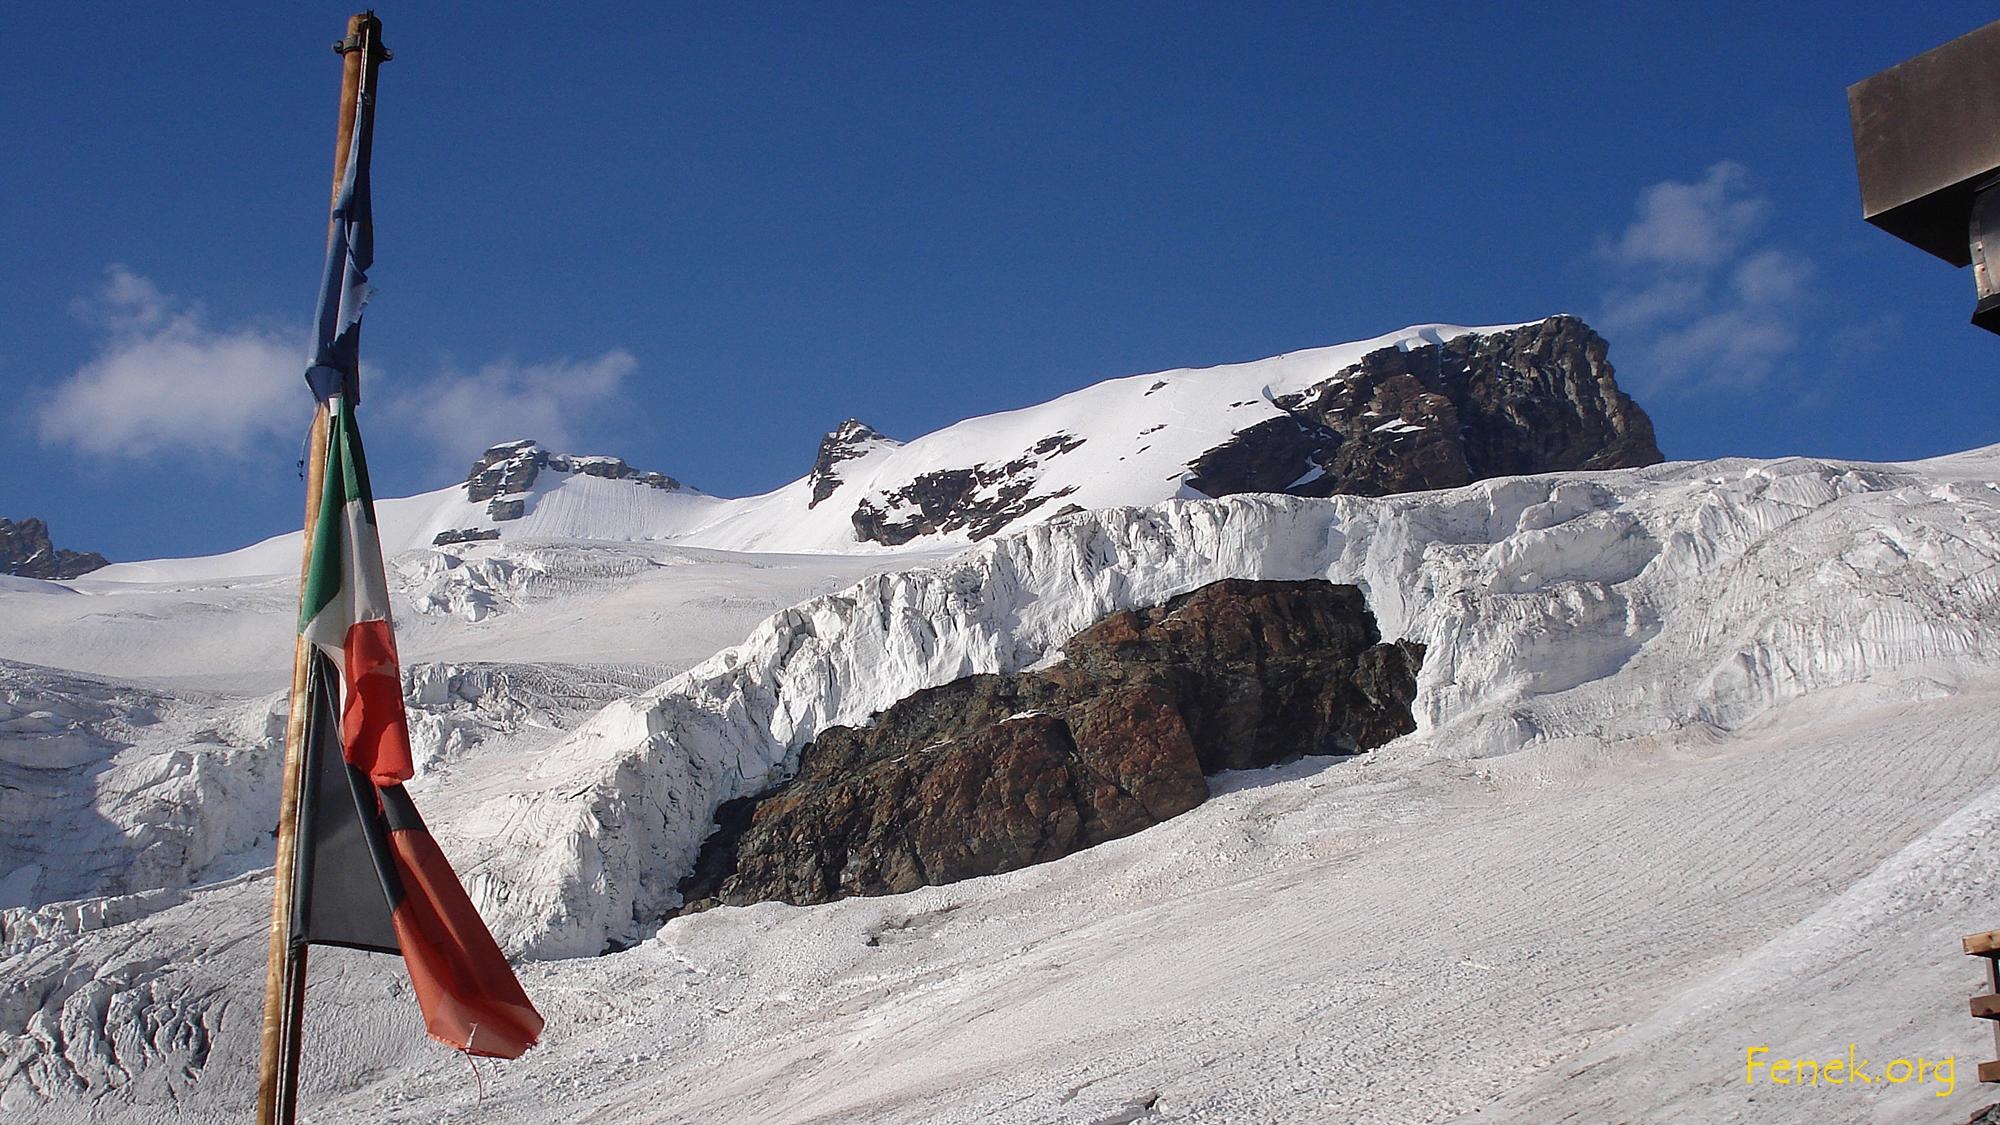 von der Hütte sieht man Roccia Nera und die beiden Breithorn Zwillinge